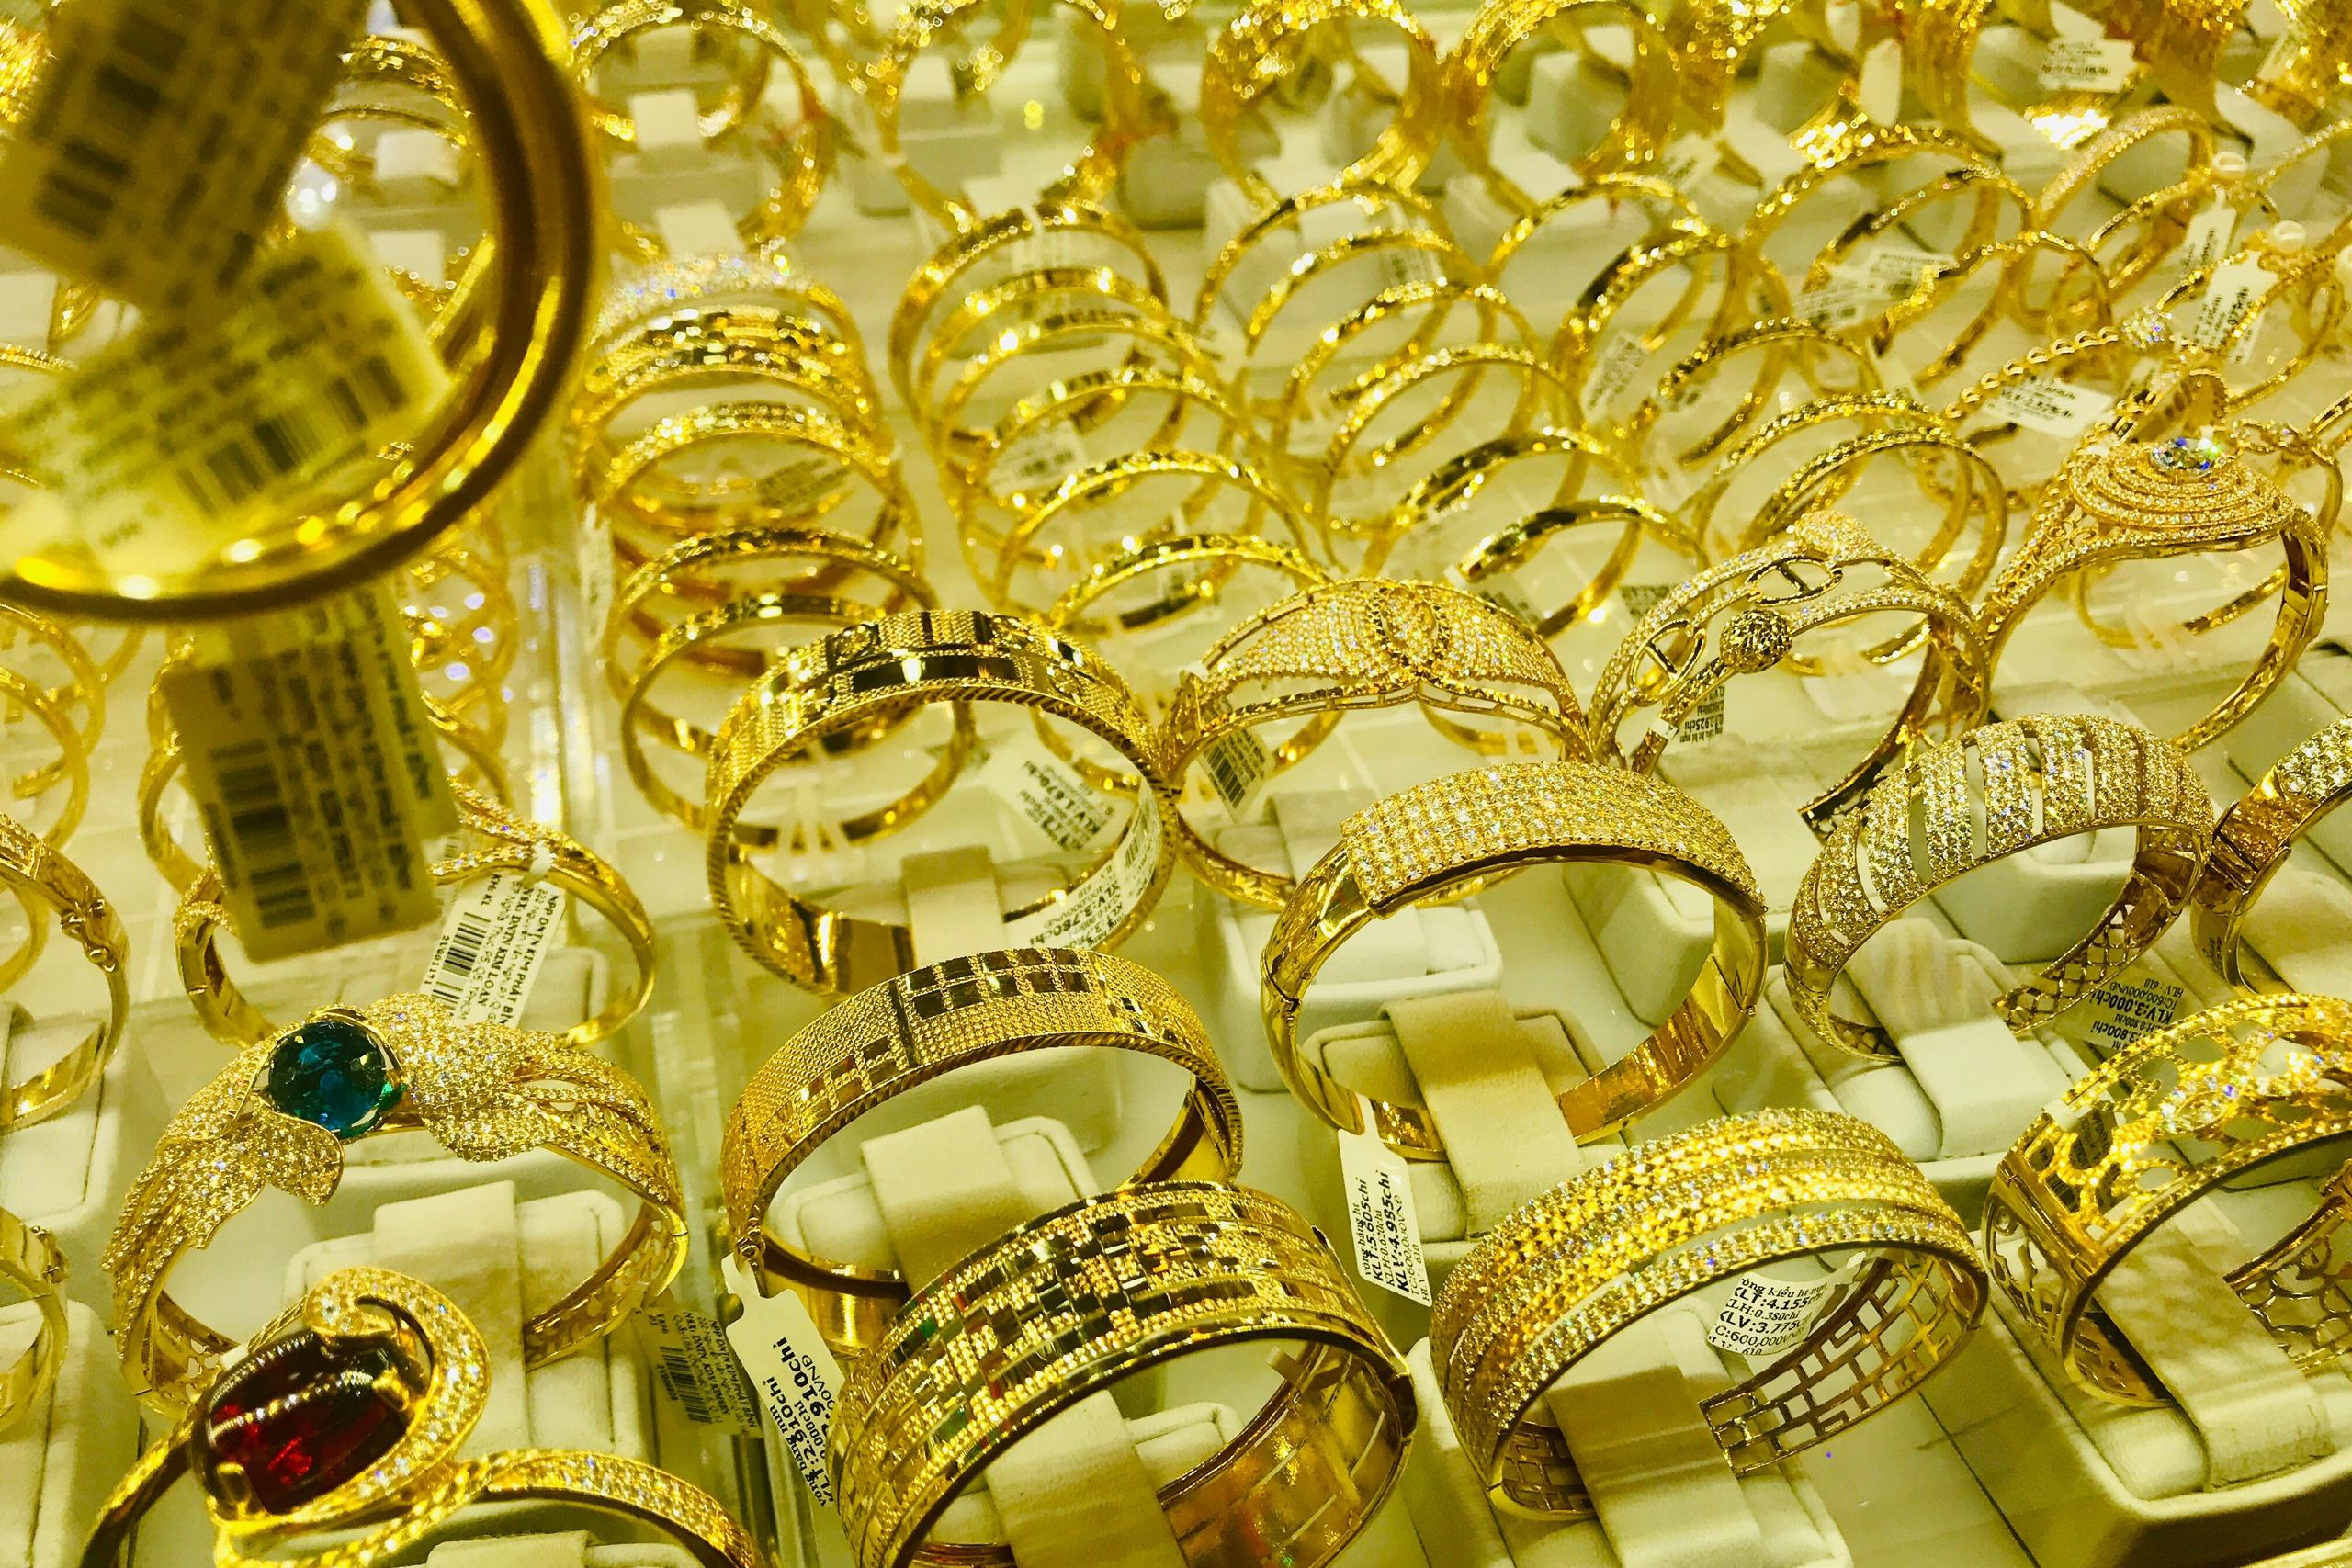 Giá vàng hụt mất 10% chỉ trong 3 tháng, nhà đầu tư nên cắt lỗ?